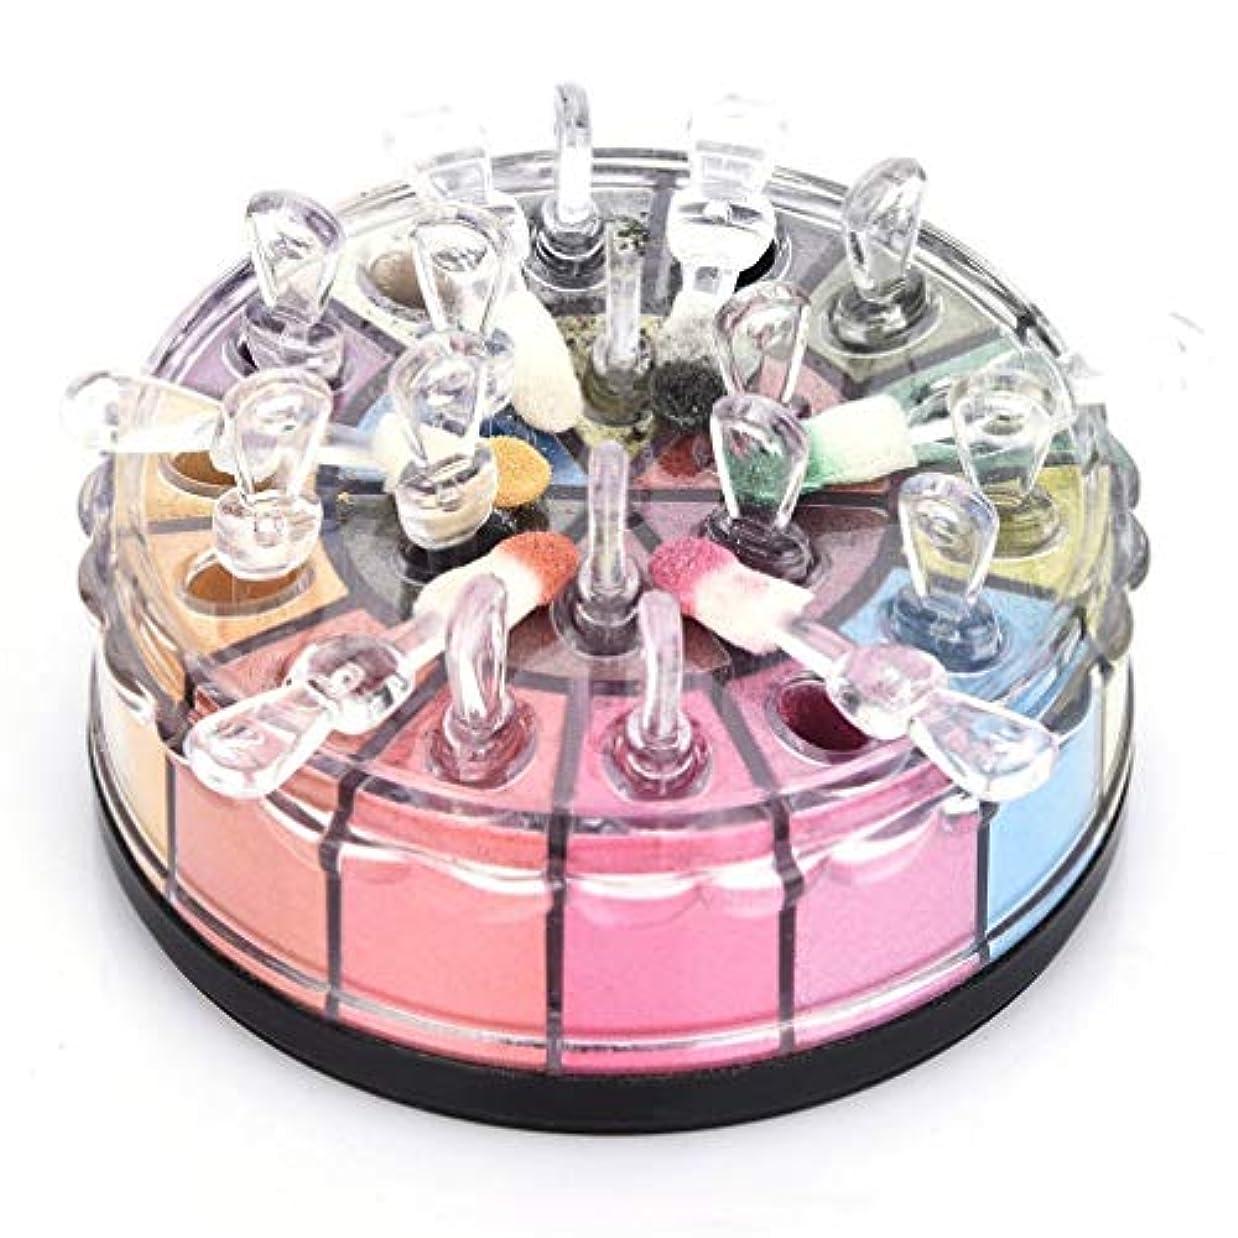 フィットネス有罪シャトル20色シマーグリッターアイシャドウパウダーパレットの化粧品のメイクアップキット地球色のスモーキーアイズ顔料ミネラルアイシャドウセット